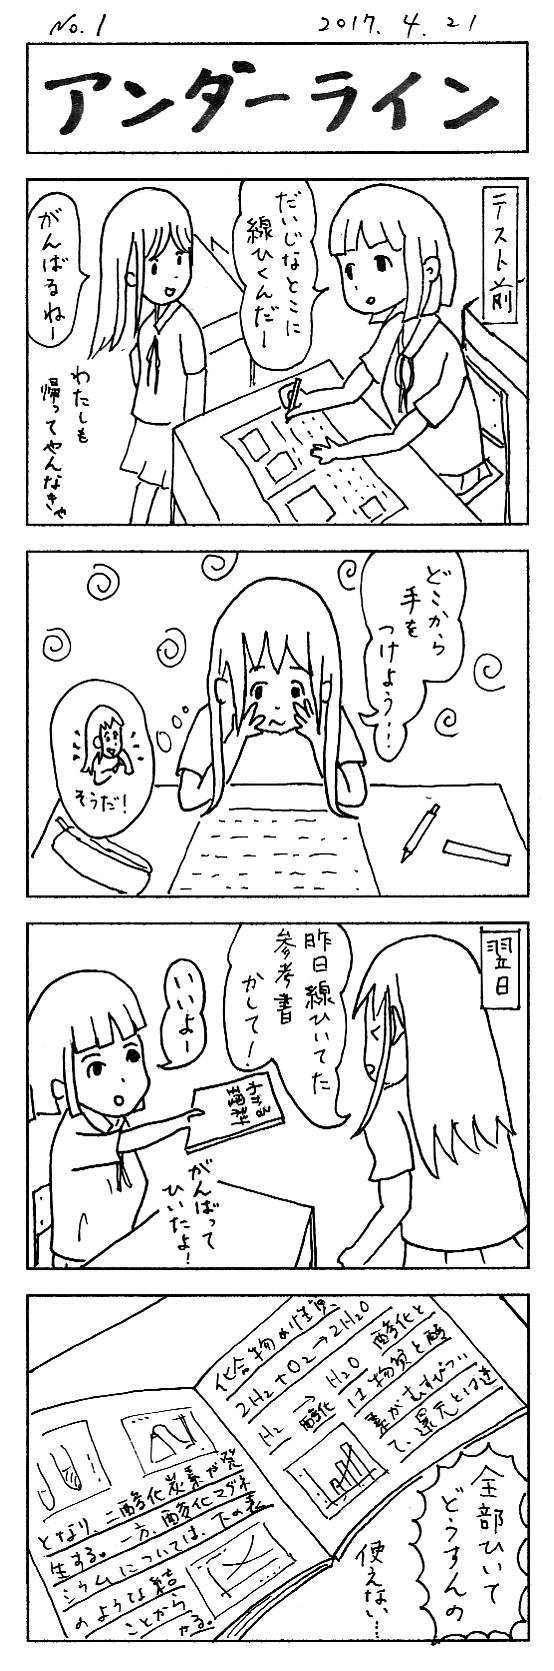 01 アンダーライン